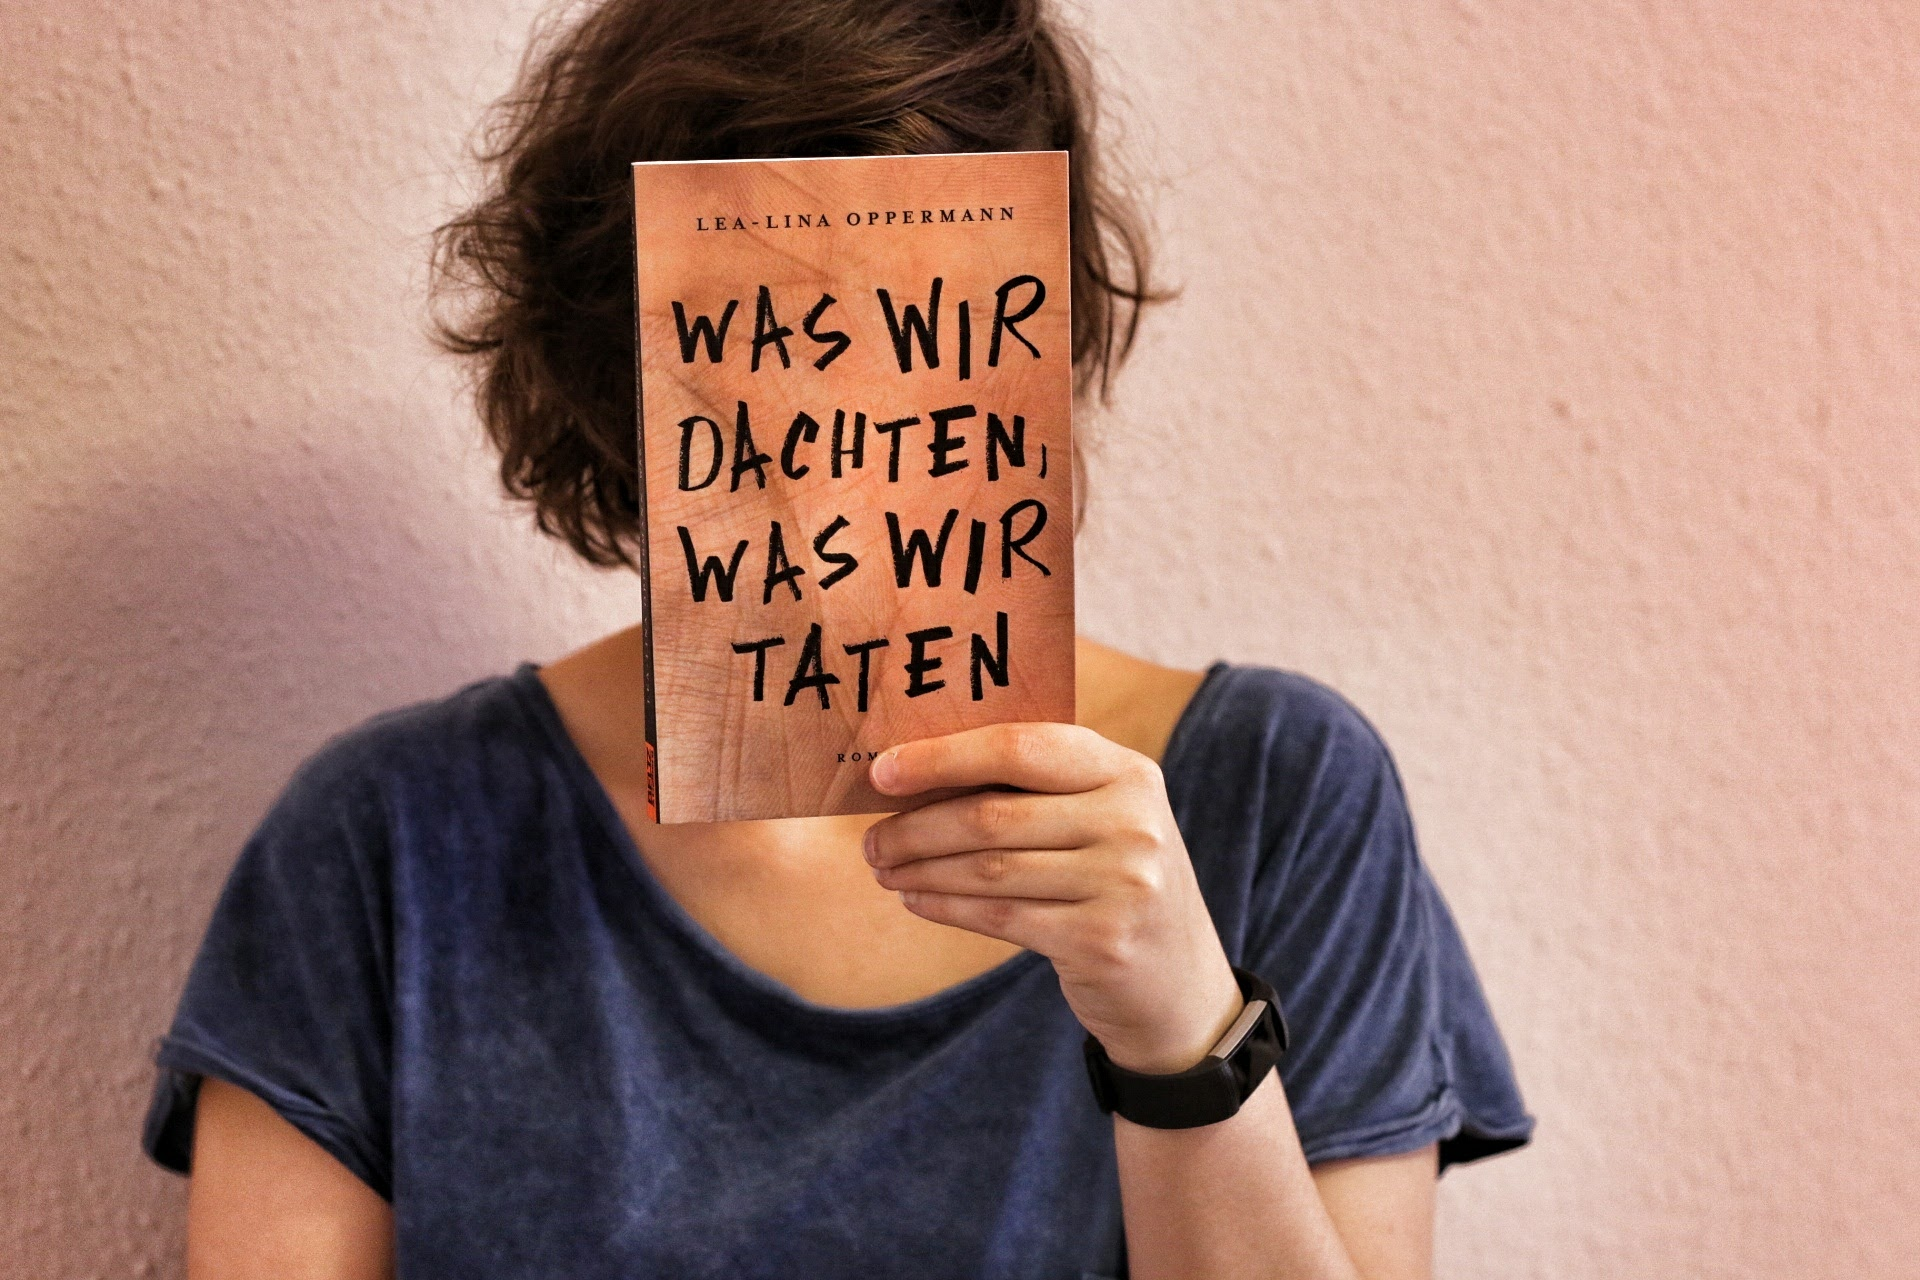 Was wir dachten was wir taten Lea-Lina Oppermann Buch Cover Beltz & Gelberg Amoklauf Amokalarm